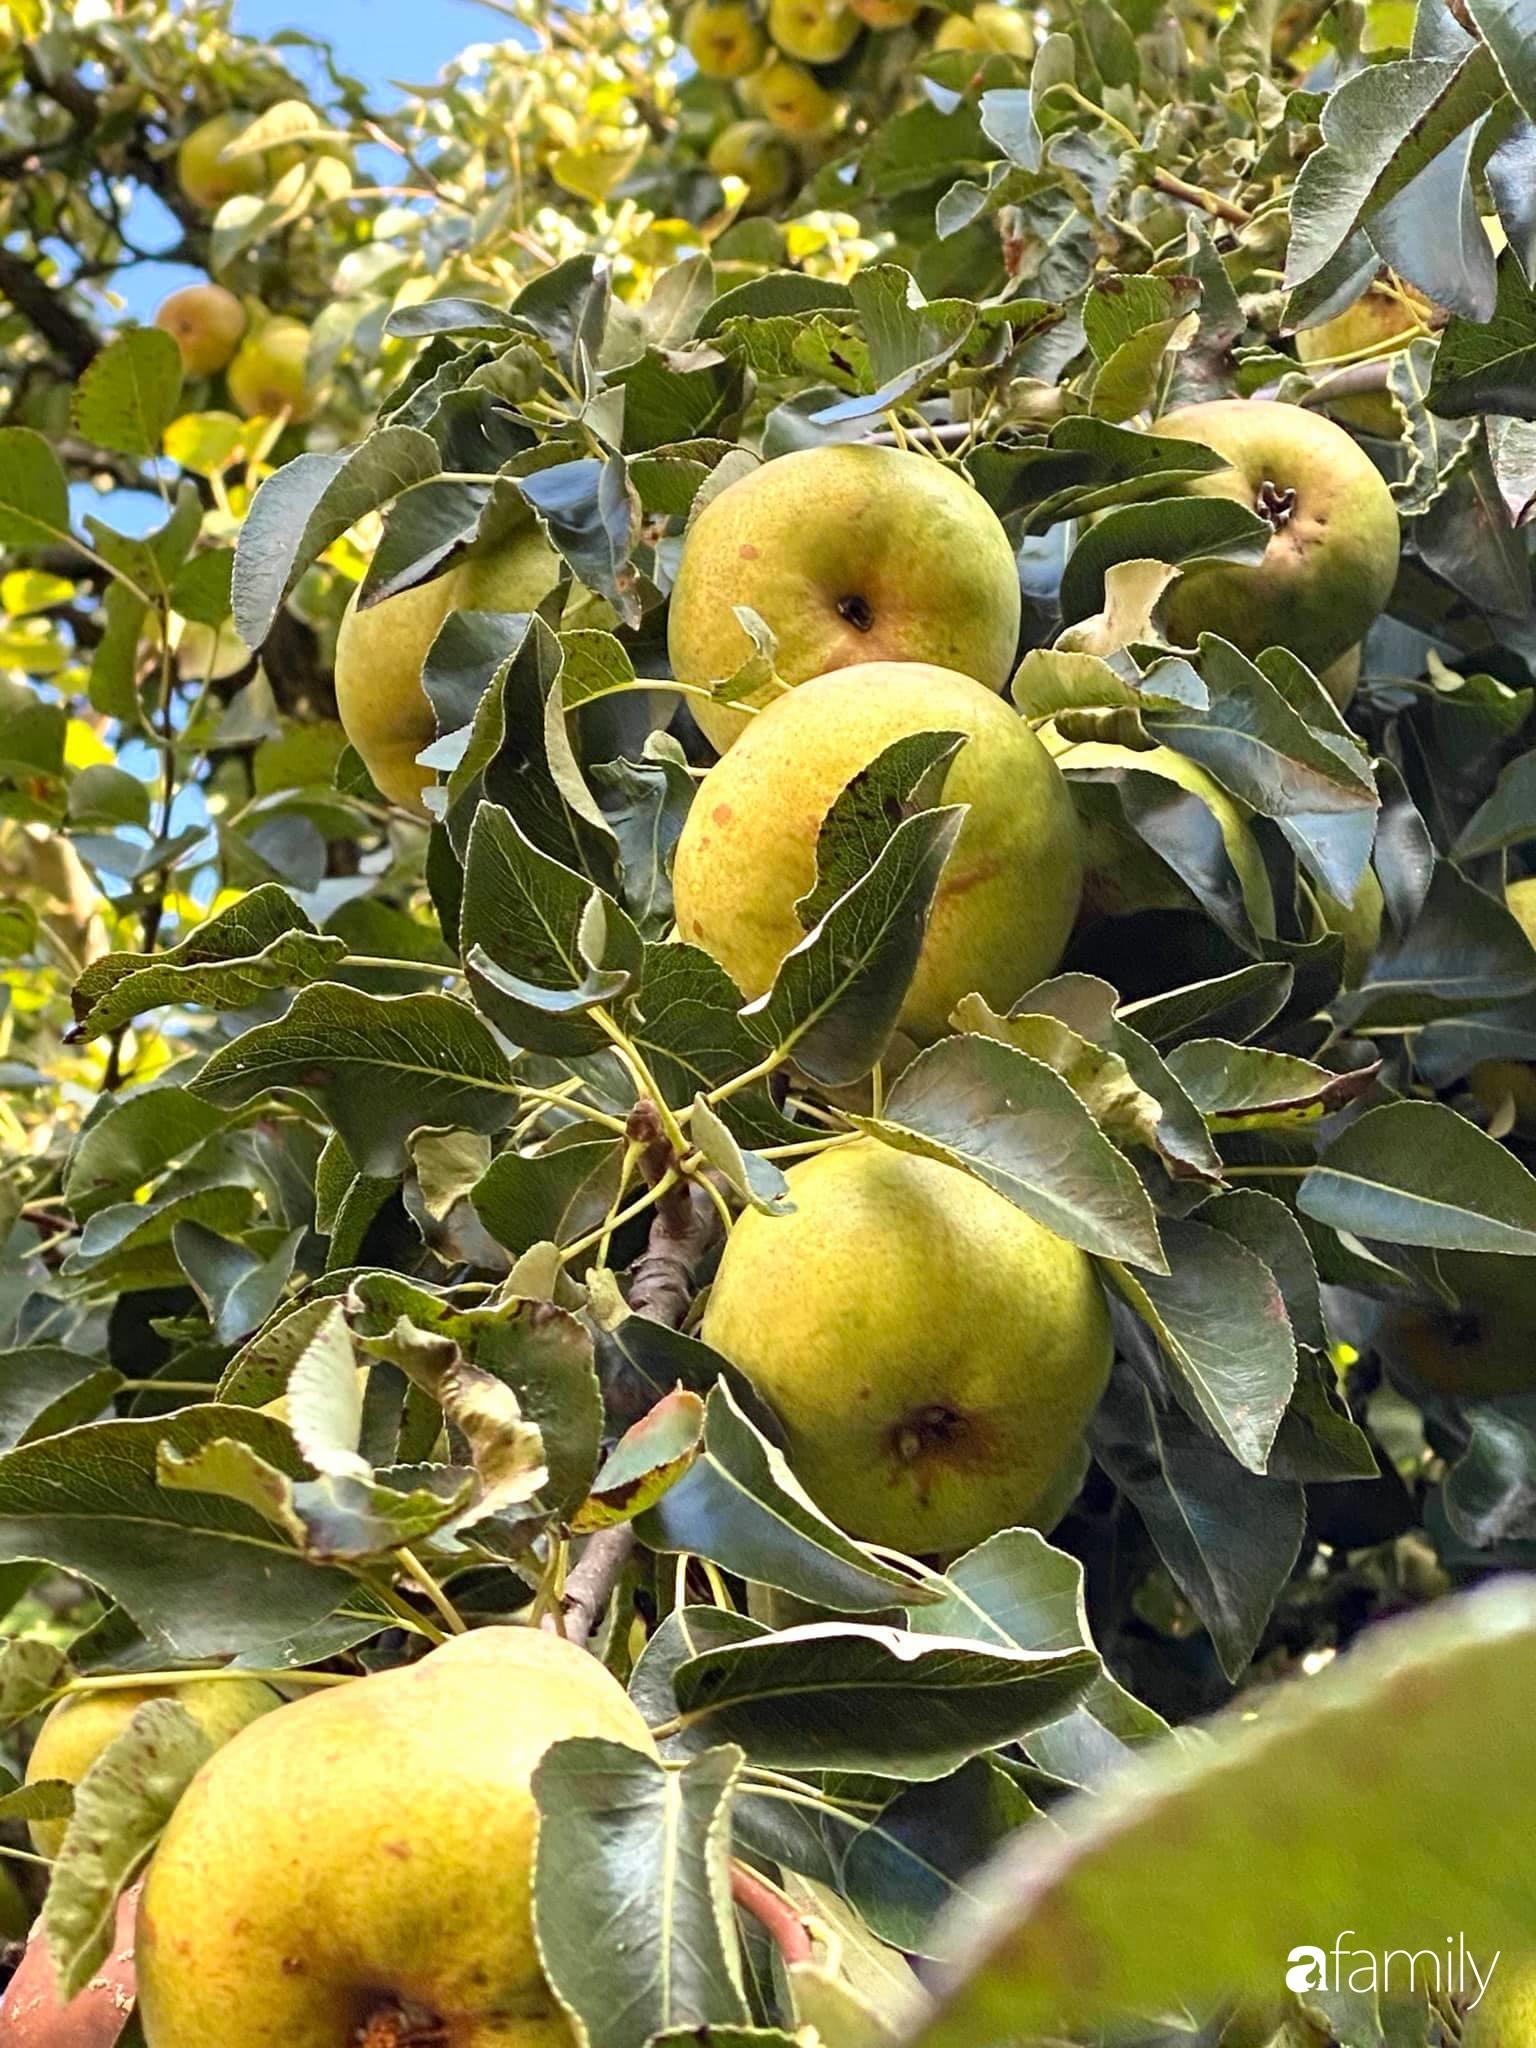 Khu vườn 200m² quanh năm xanh tươi với đủ loại rau quả sạch của mẹ Việt ở Đức - Ảnh 8.